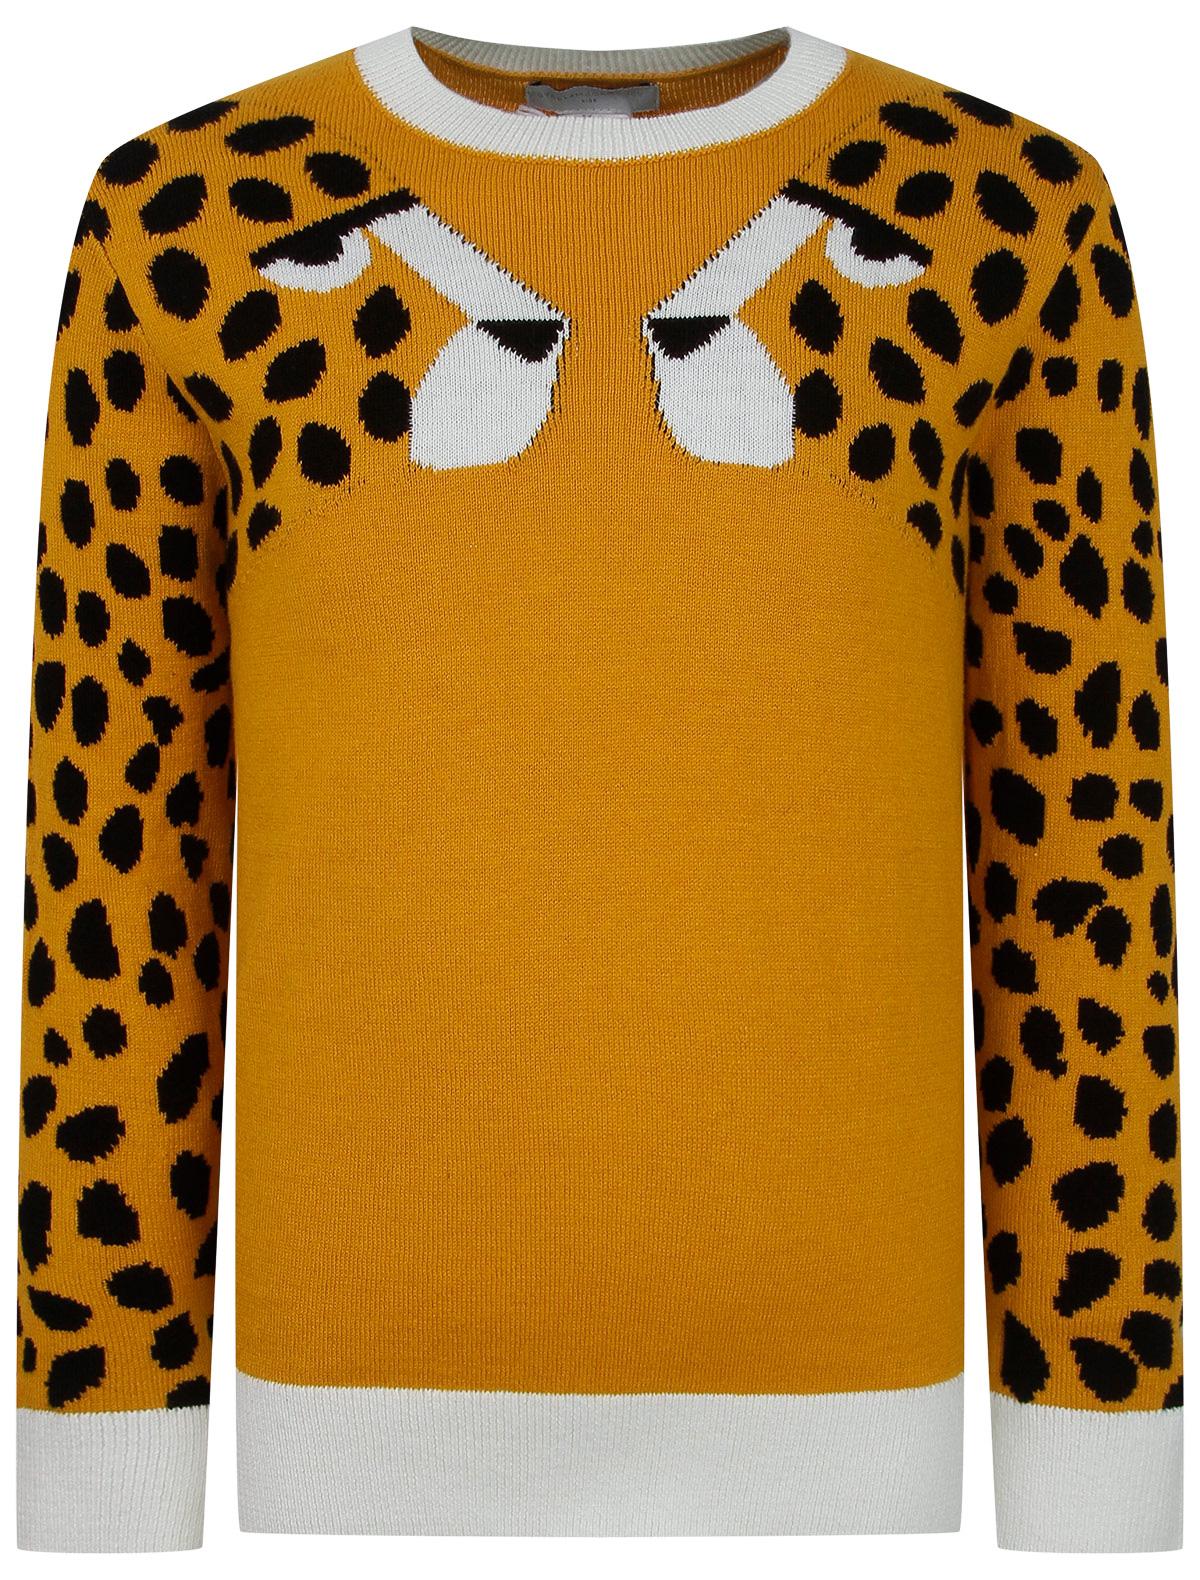 Купить 2278417, Джемпер Stella McCartney, оранжевый, Женский, 1264509170018